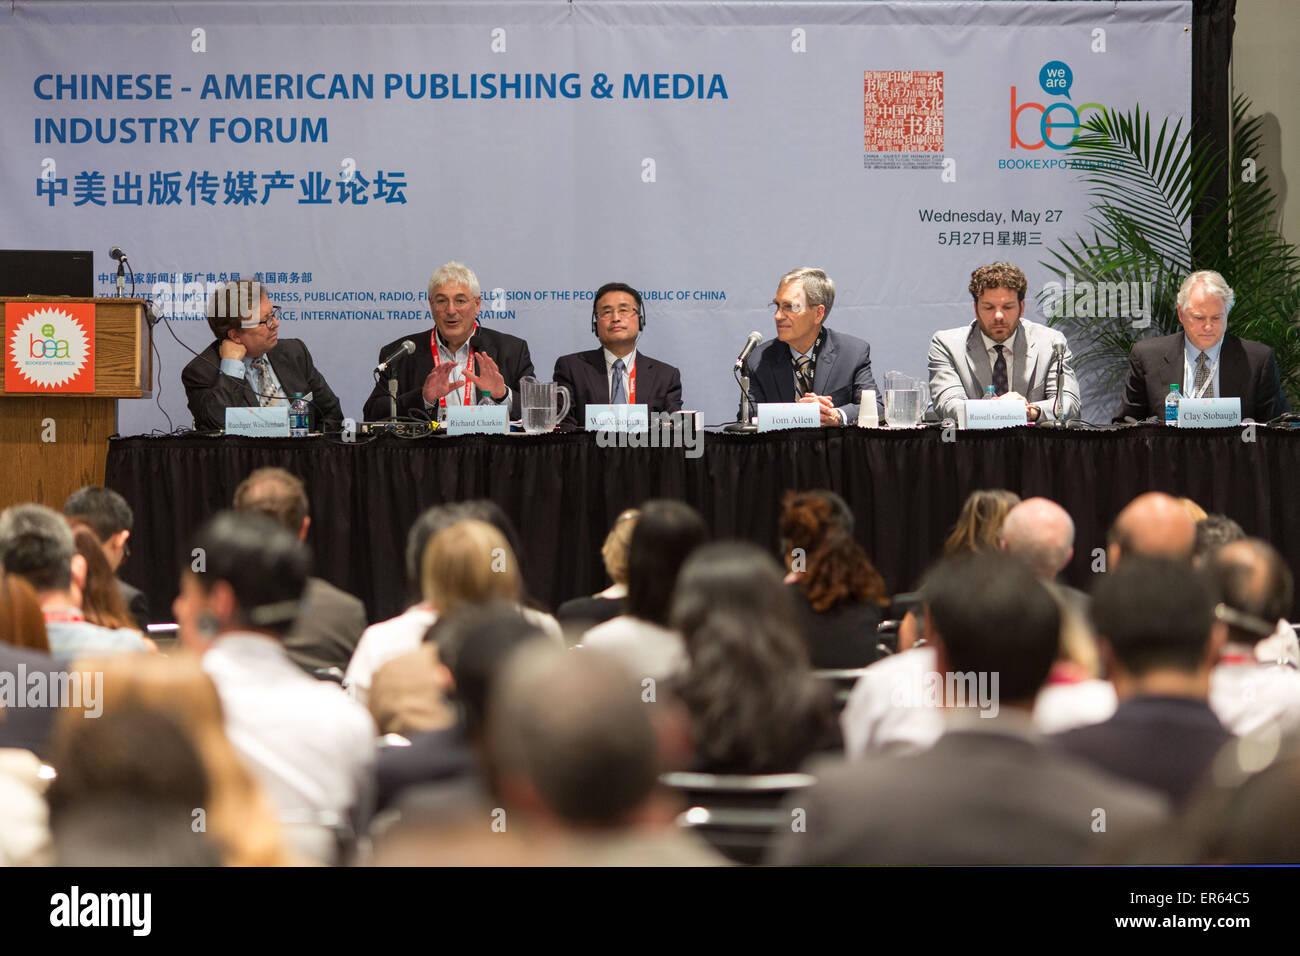 New York, USA. 27. Mai 2015. Gäste besuchen die chinesisch-amerikanischen Verlag & Media Industry Forum während der BookExpo America (BEA) 2015 in New York, Vereinigte Staaten, 27. Mai 2015. © Li Muzi/Xinhua/Alamy Live-Nachrichten Stockfoto